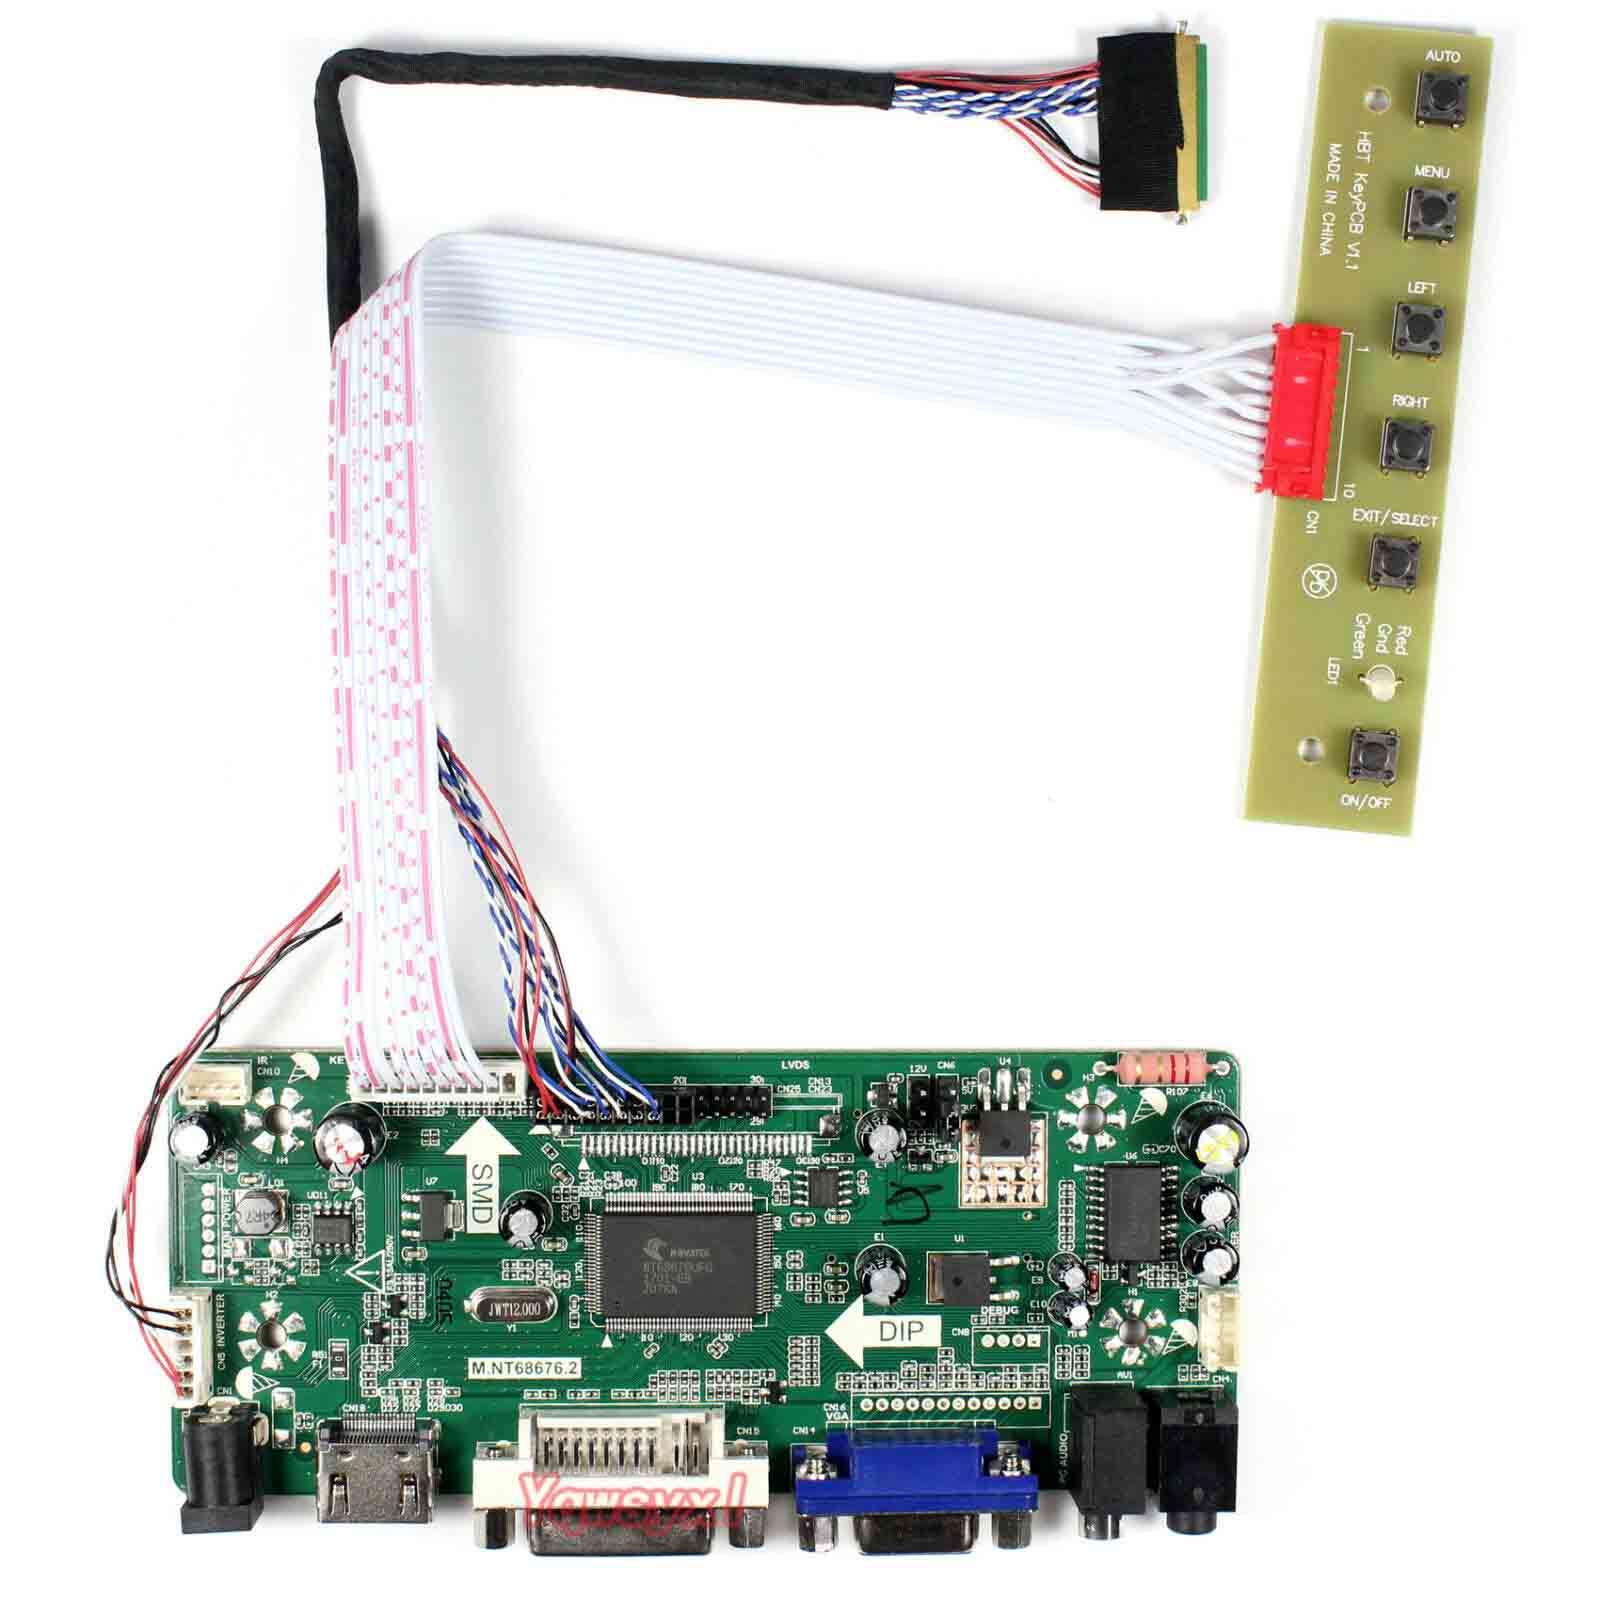 Kit de Monitor de placa de Control Yqwsyxl para B156RW01 V.0 B156RW01 V0 HDMI + DVI + VGA LCD controlador de pantalla LED Qi/PPE de enfriamiento de aire OnePlus cargador inalámbrico 30W Warp Carga inteligente dormir modo PC V0 300g para OnePlus 8 Pro